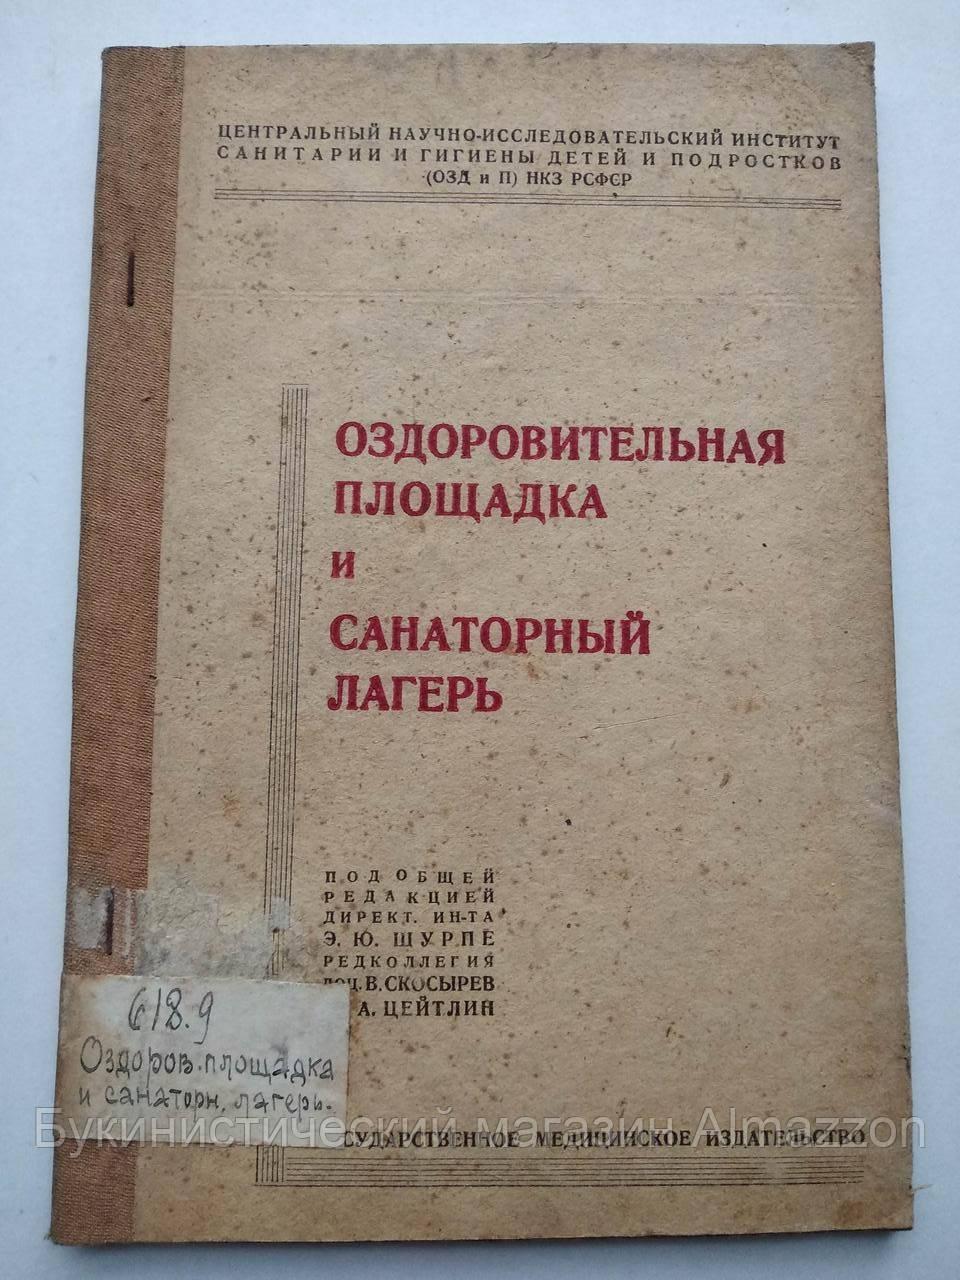 Оздоровительная площадка и санаторный лагерь Э.Ю.Шурпе